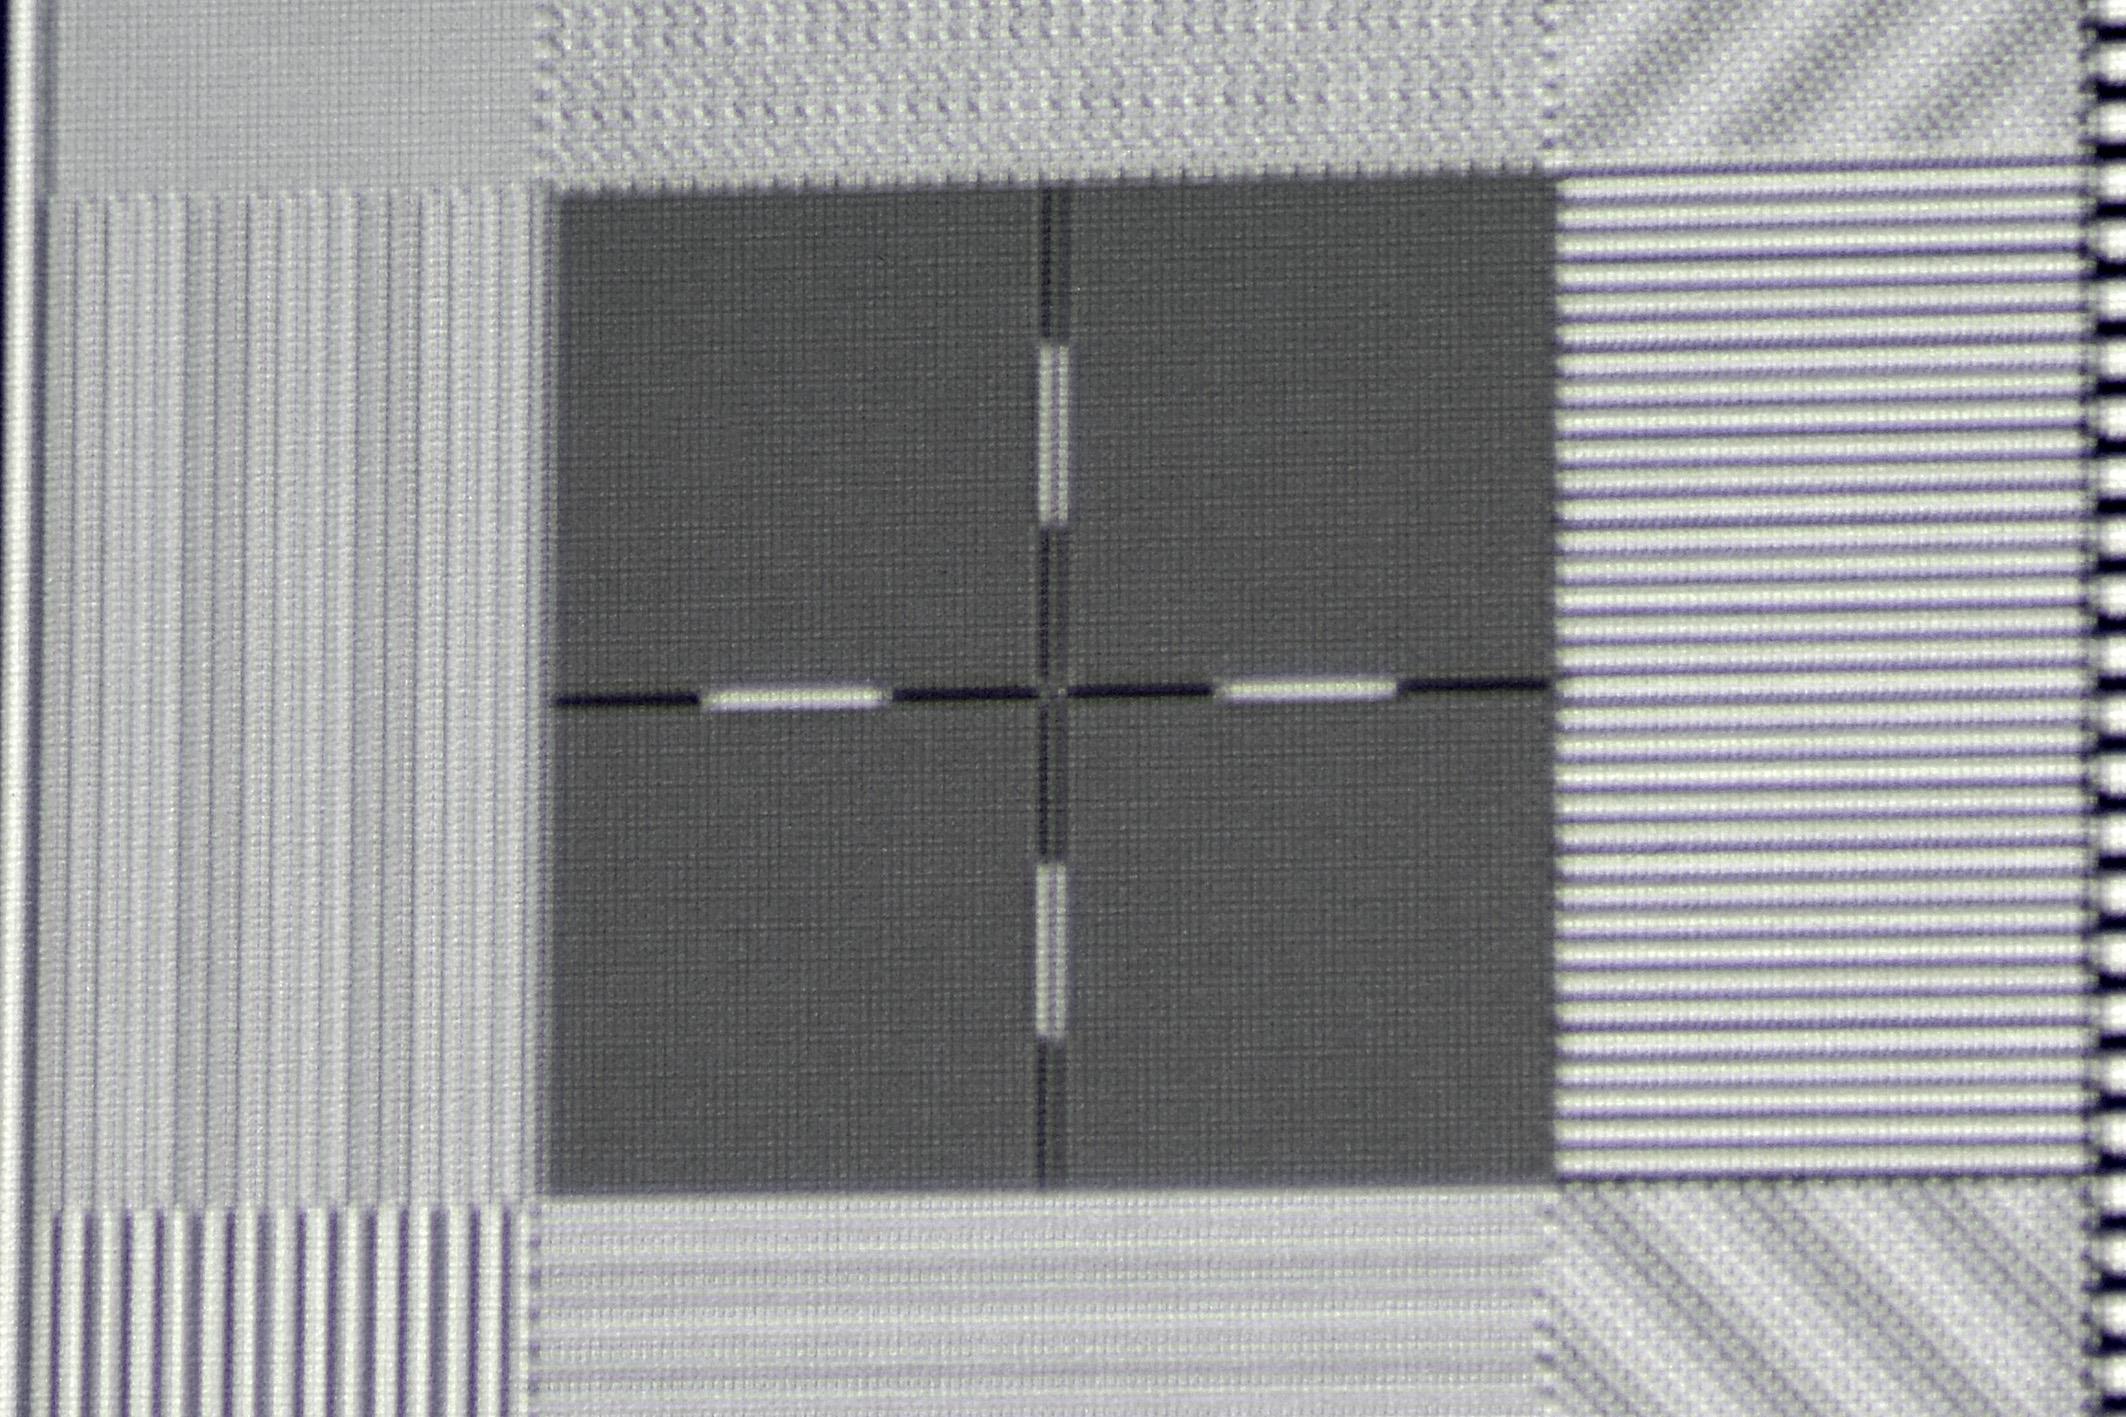 Foto: Michael B. Rehders Das Kreuz in UHD-Pixelauflösung sieht zunächst unscharf aus. Bei genauerer Betrachtung fällt jedoch deutlich auf, dass zwei(!) Kreuze leicht verschoben projiziert wird. Dies ist zweifelsfrei der nicht perfekt abgestimmten XPR-Shift-Technologie zuzuschreiben. Andere Projektoren mit dieser Technik stellen dieses Testbild nämlich fehlerfrei dar.